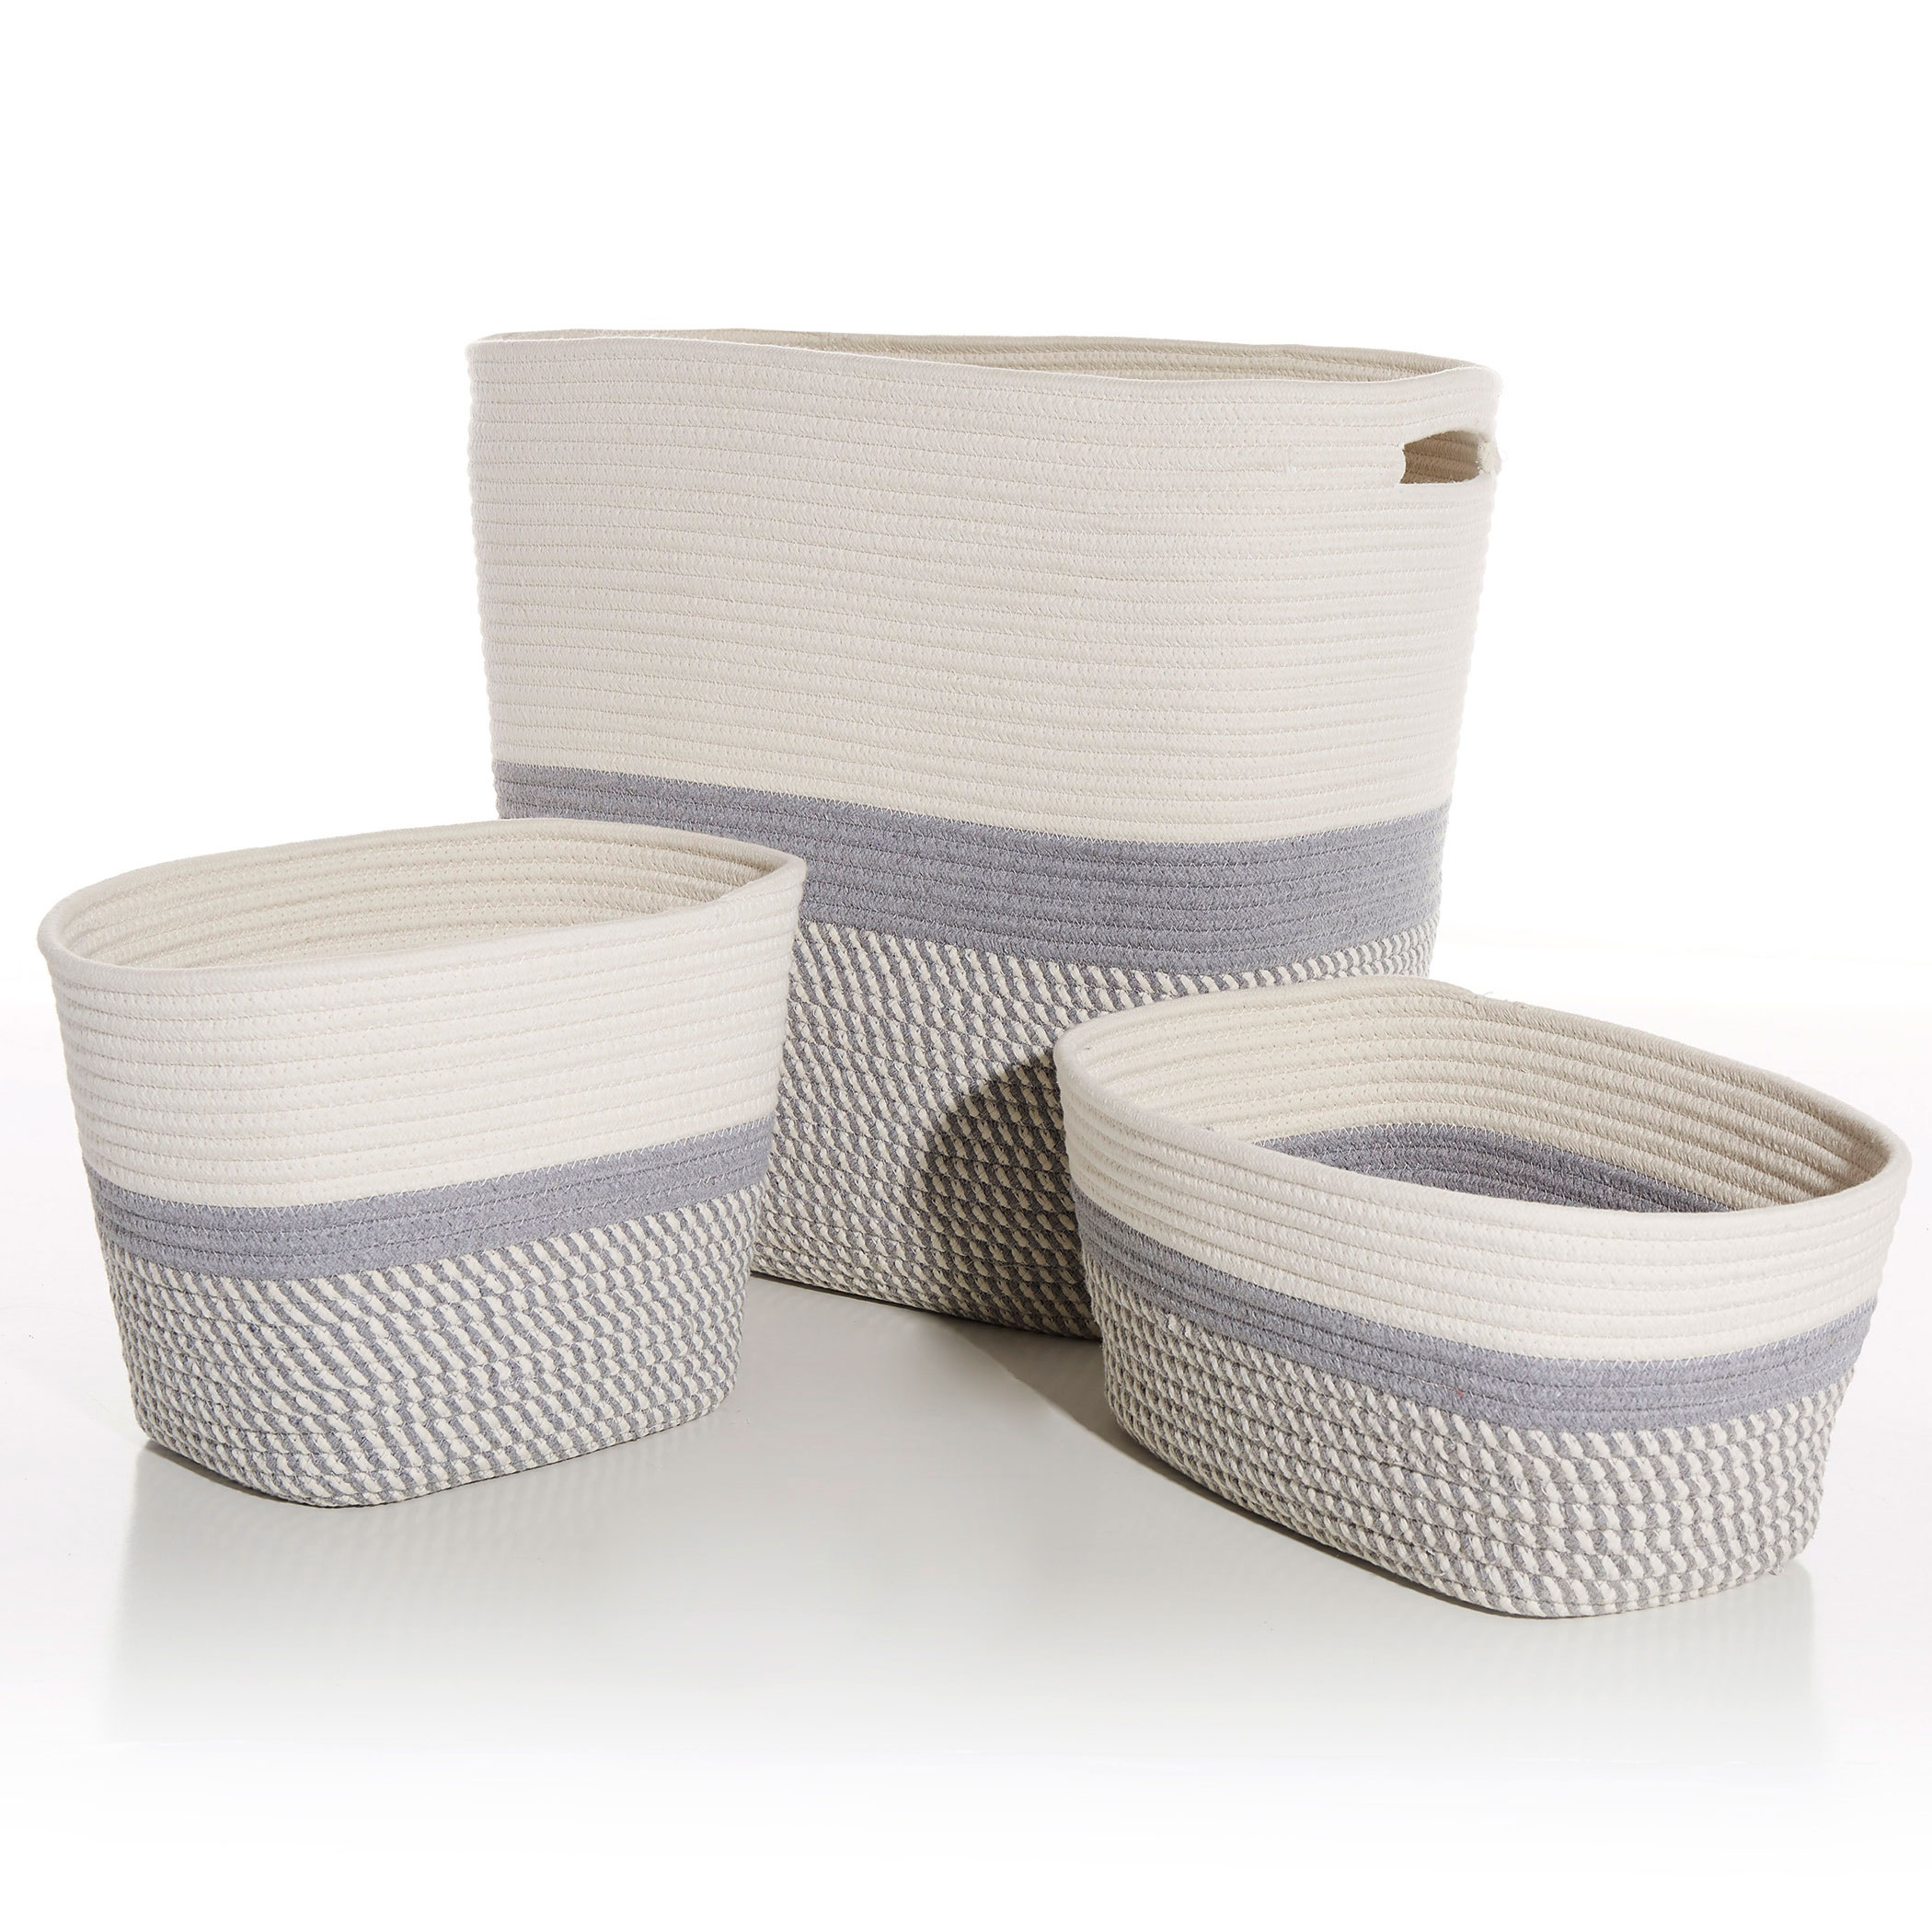 Callie Storage Baskets | 3 piece set